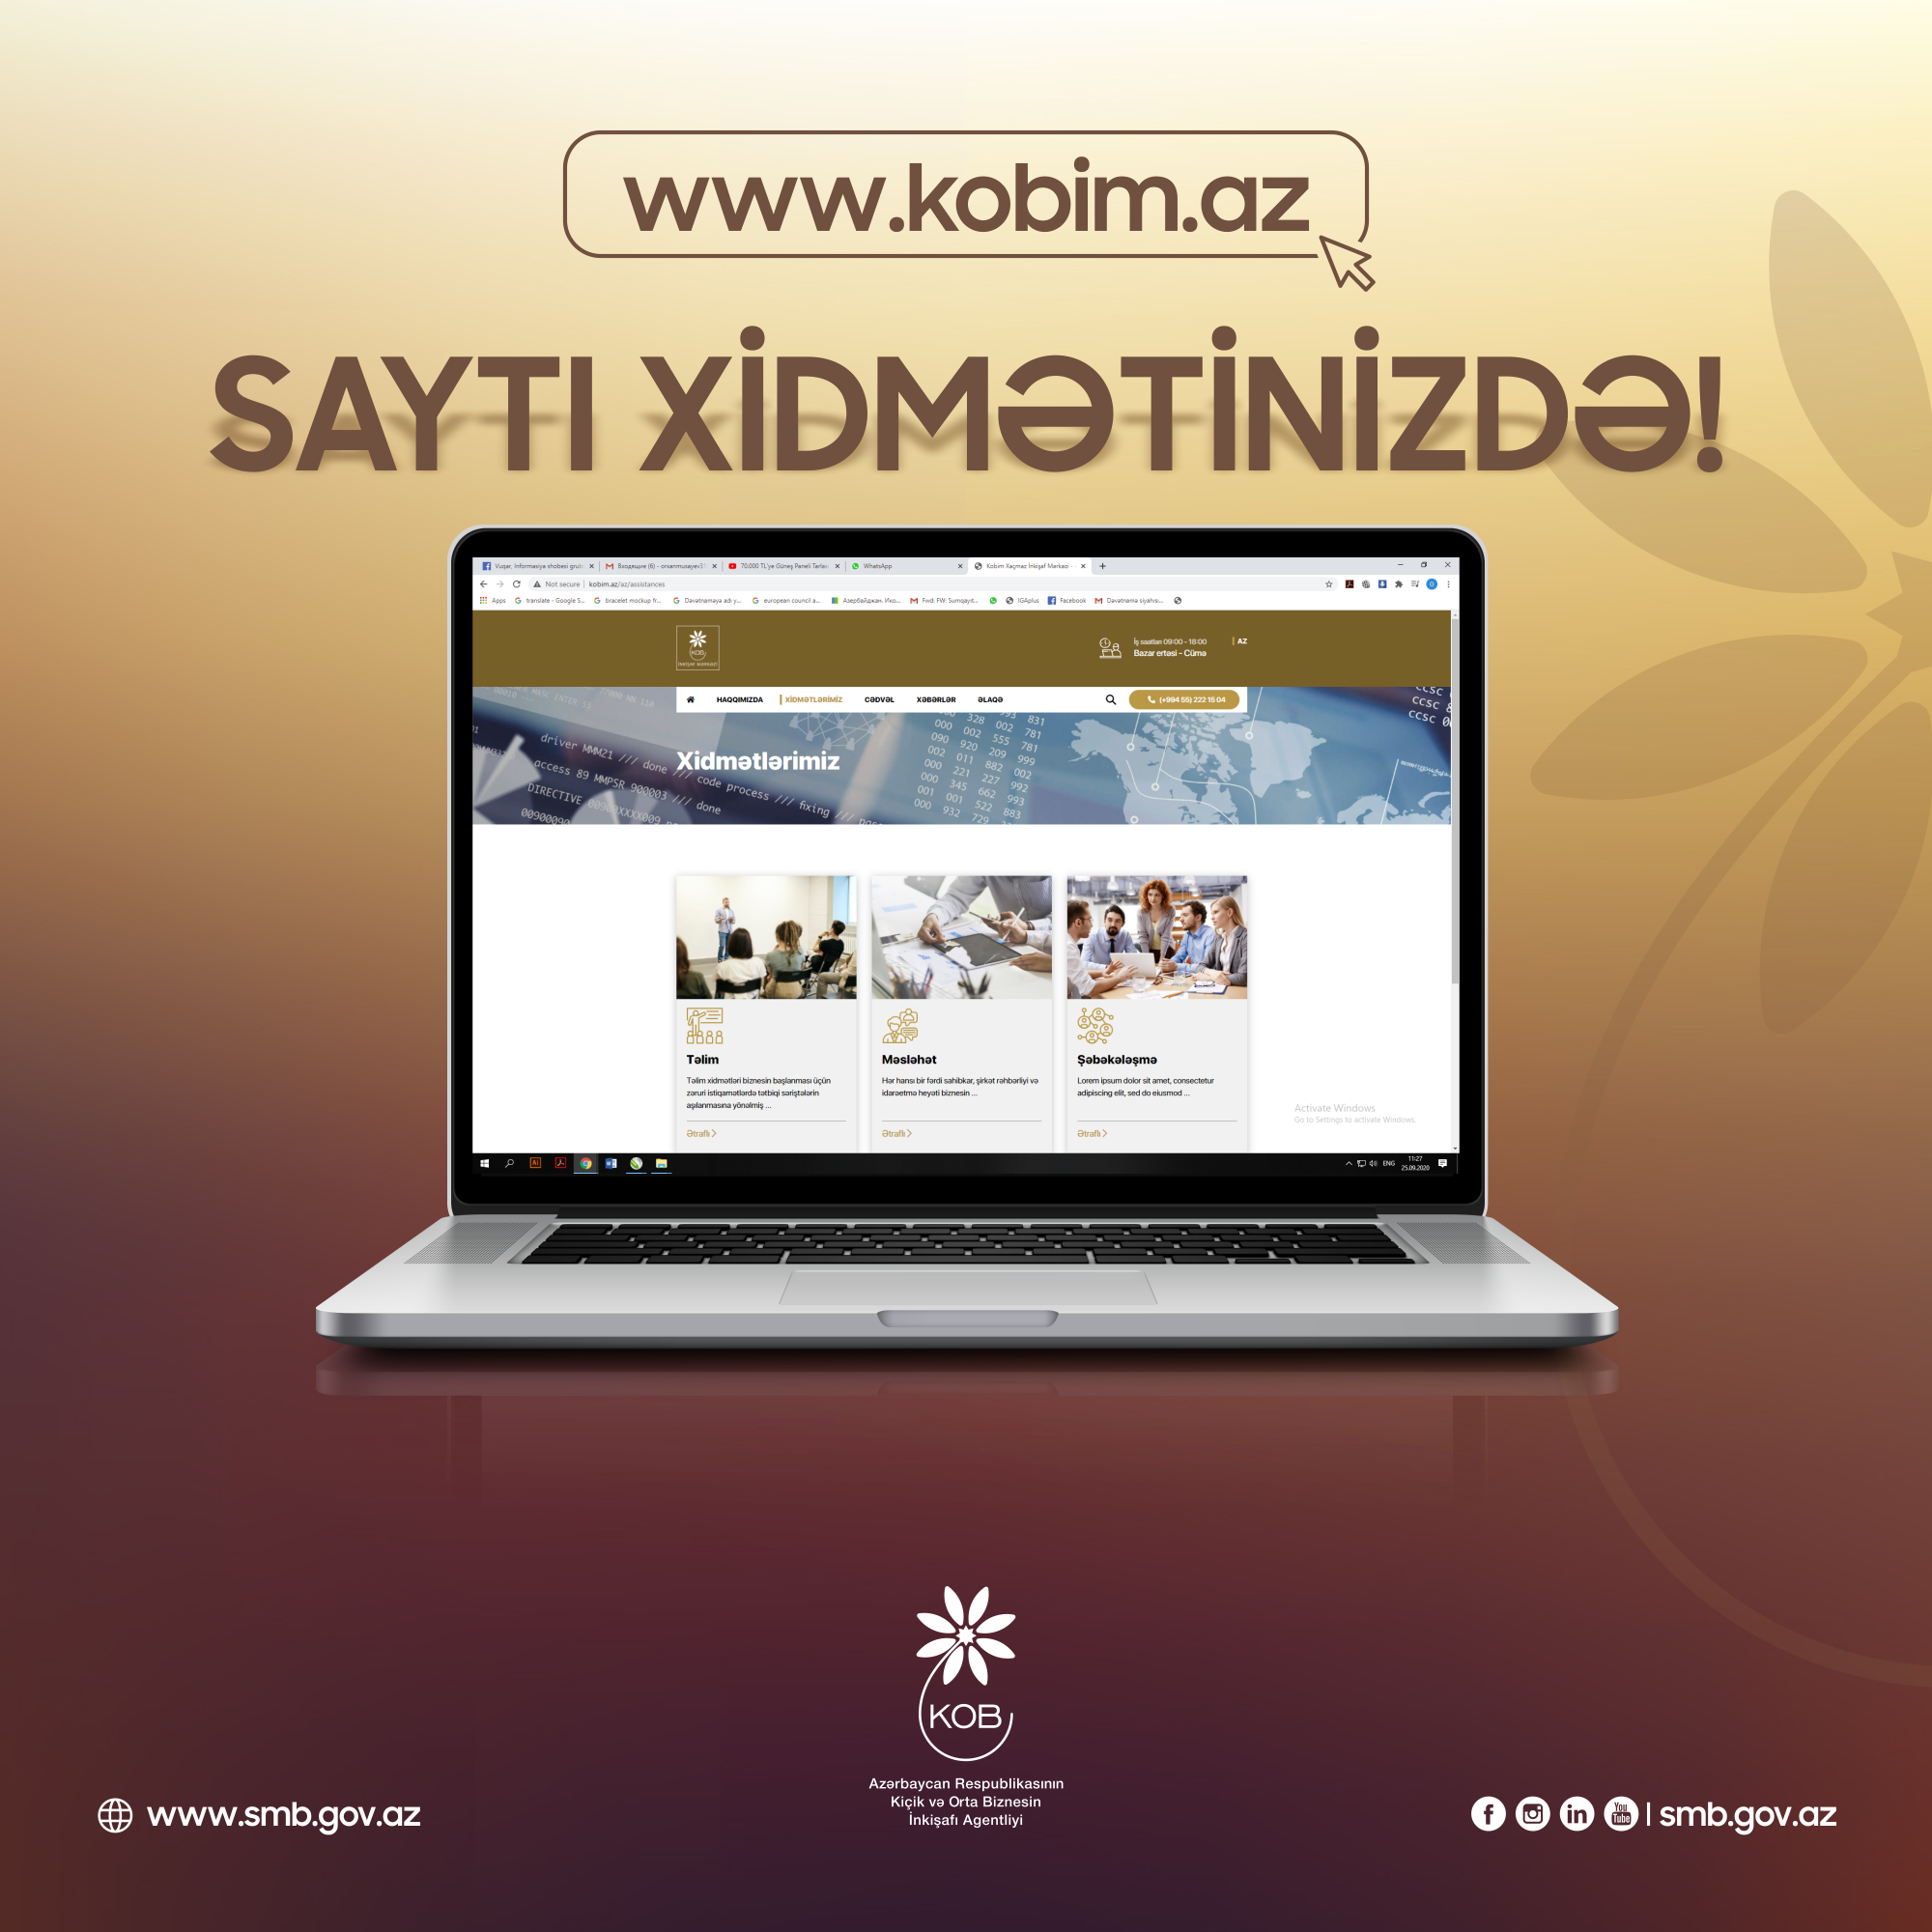 KOB inkişaf mərkəzlərinin vahid portalı - www.kobim.az sahibkarların istifadəsinə verildi